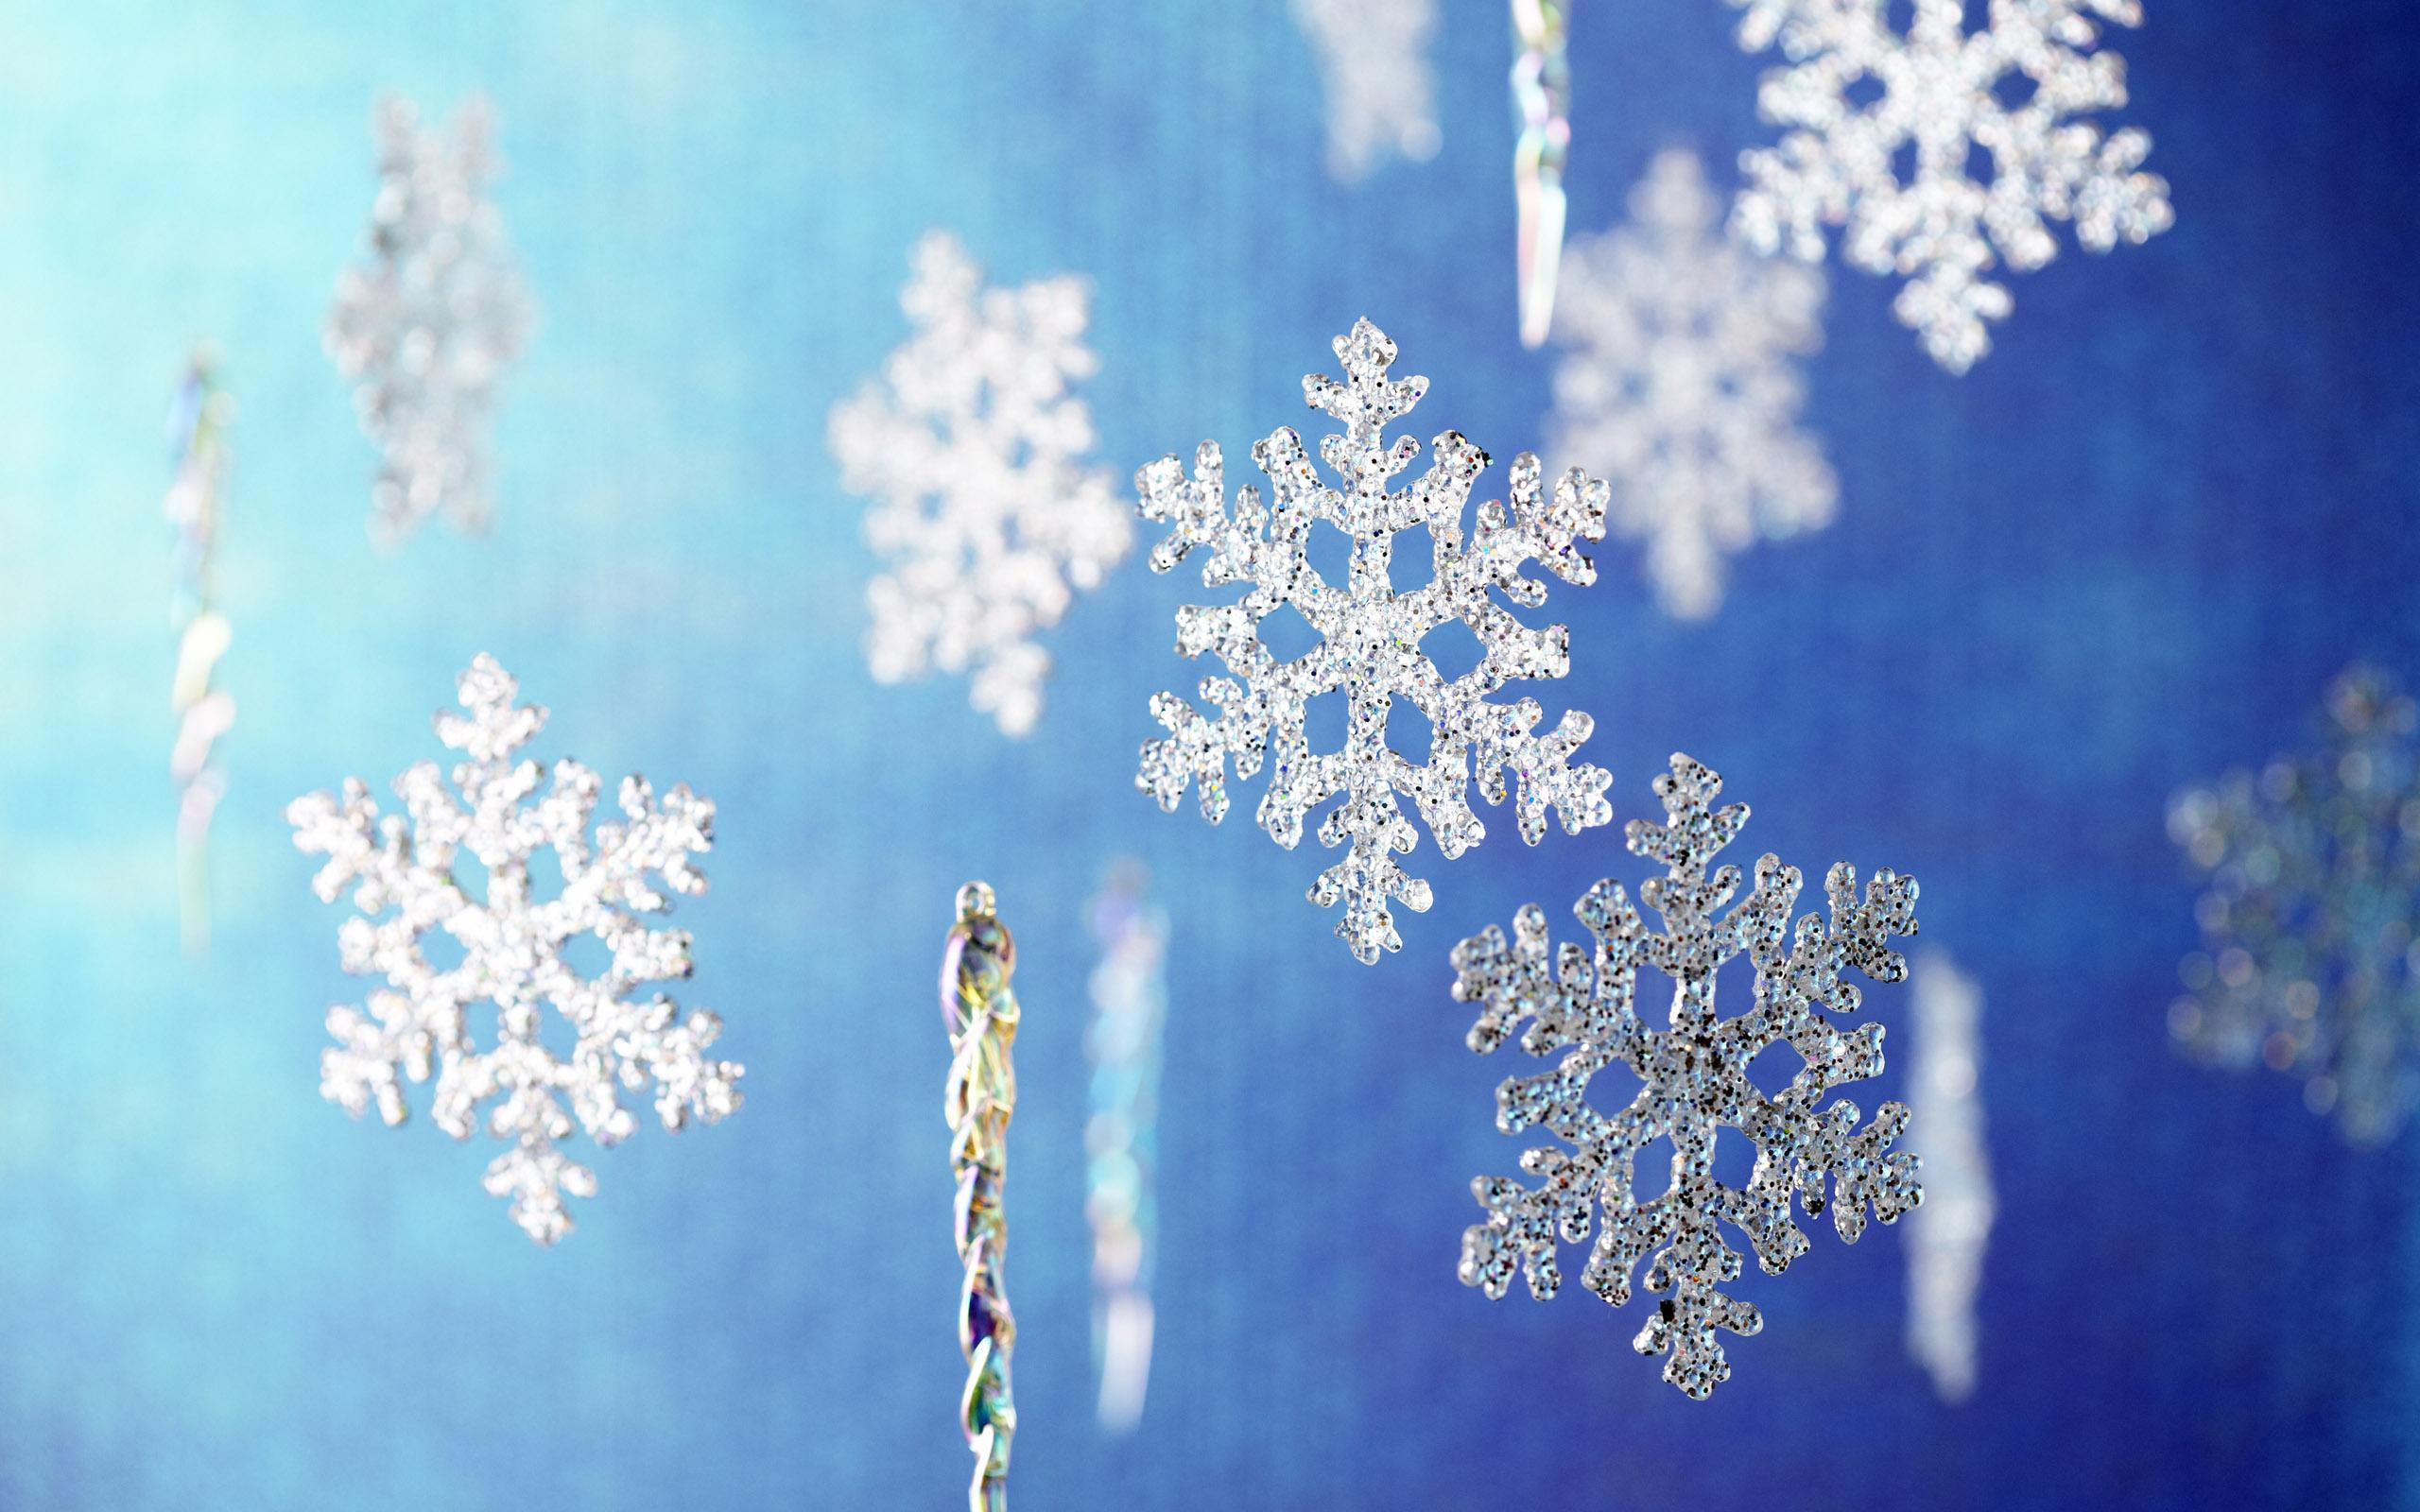 آموزش ساخت دانه برف با کاغذ